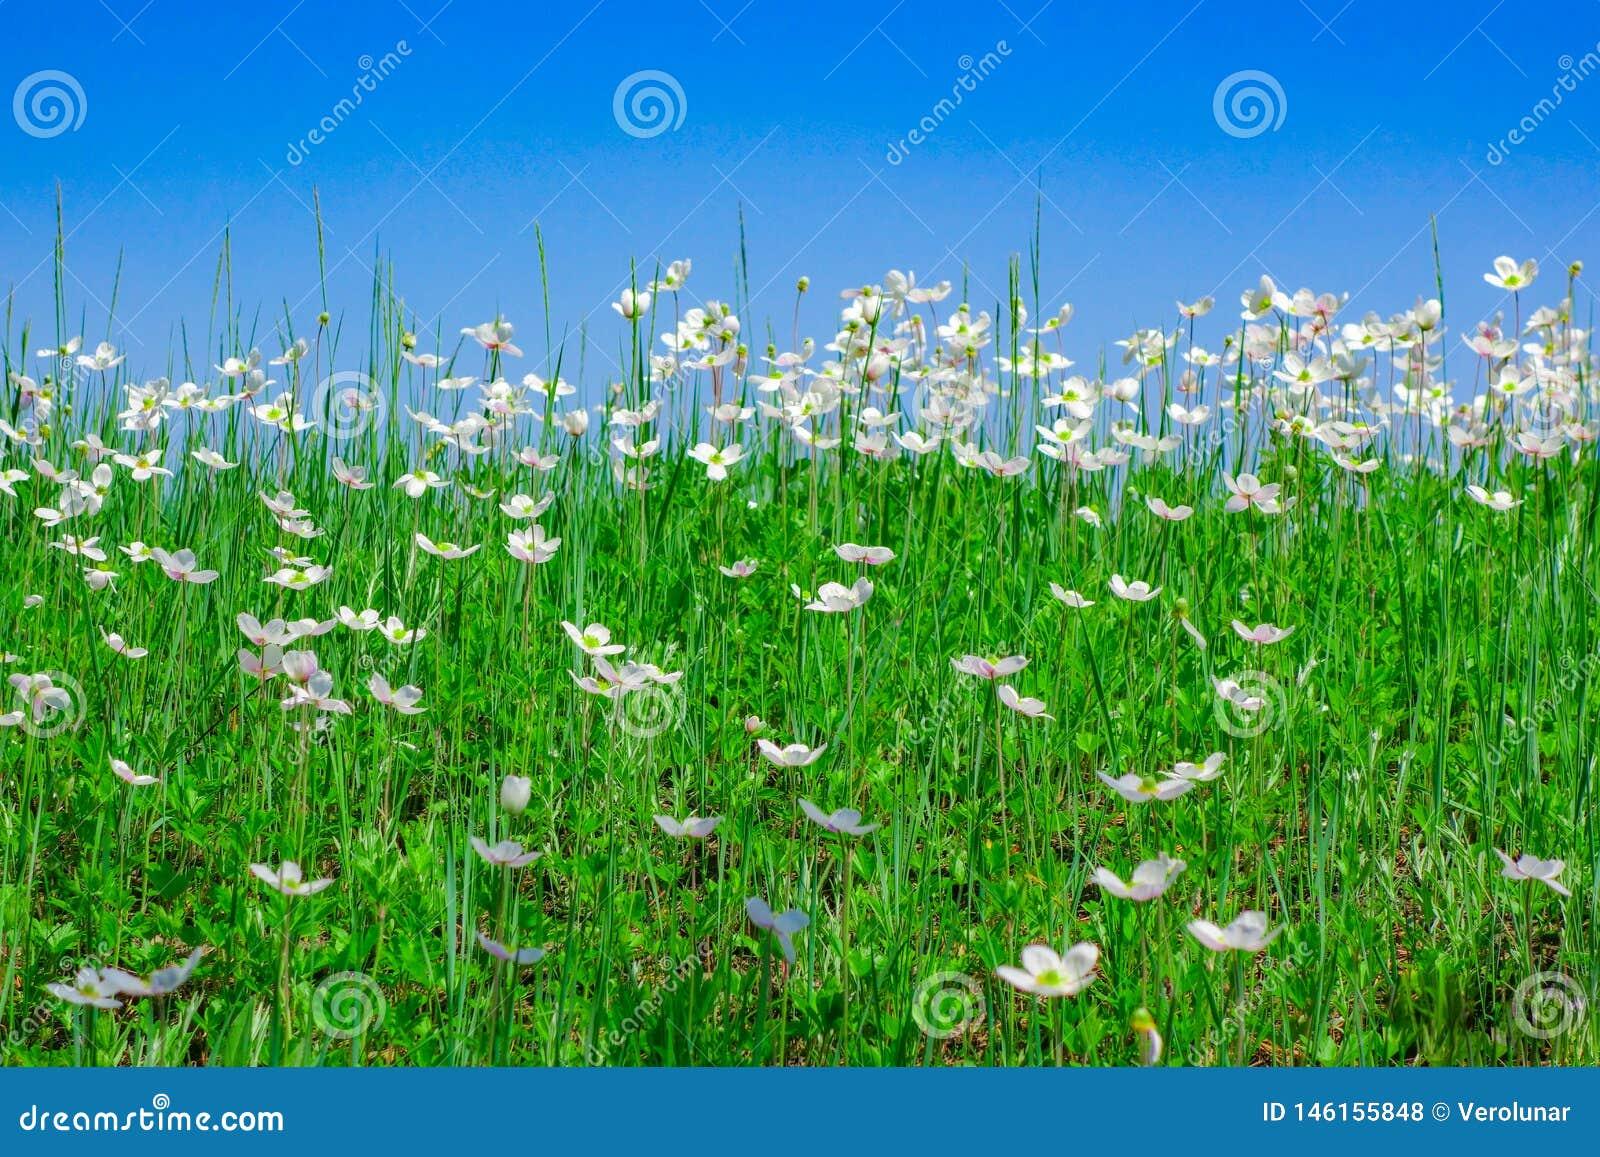 Blauwe hemel over een gebied van witte bloemen